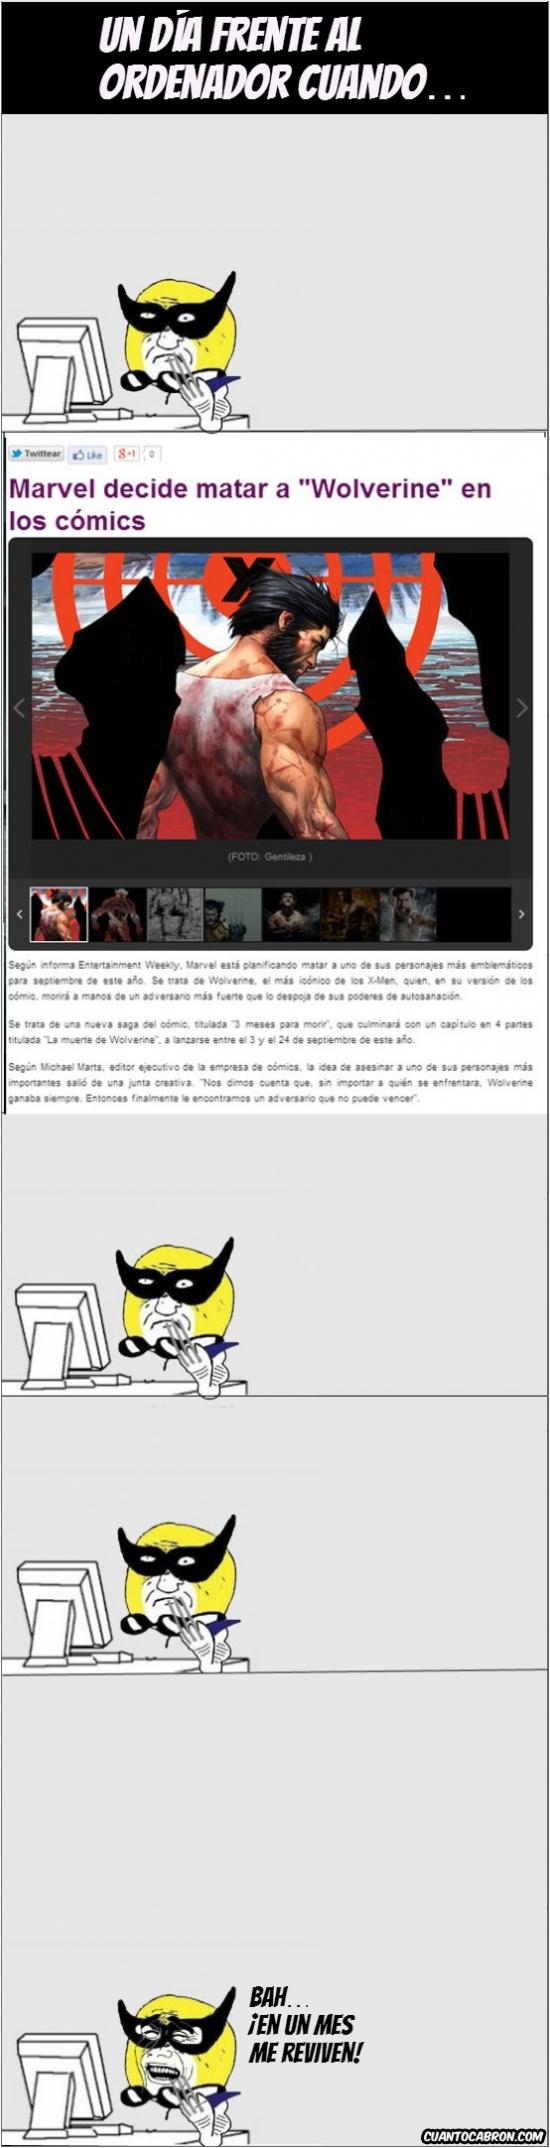 Yao - Noticias mutantes de Marvel sobre Lobezno